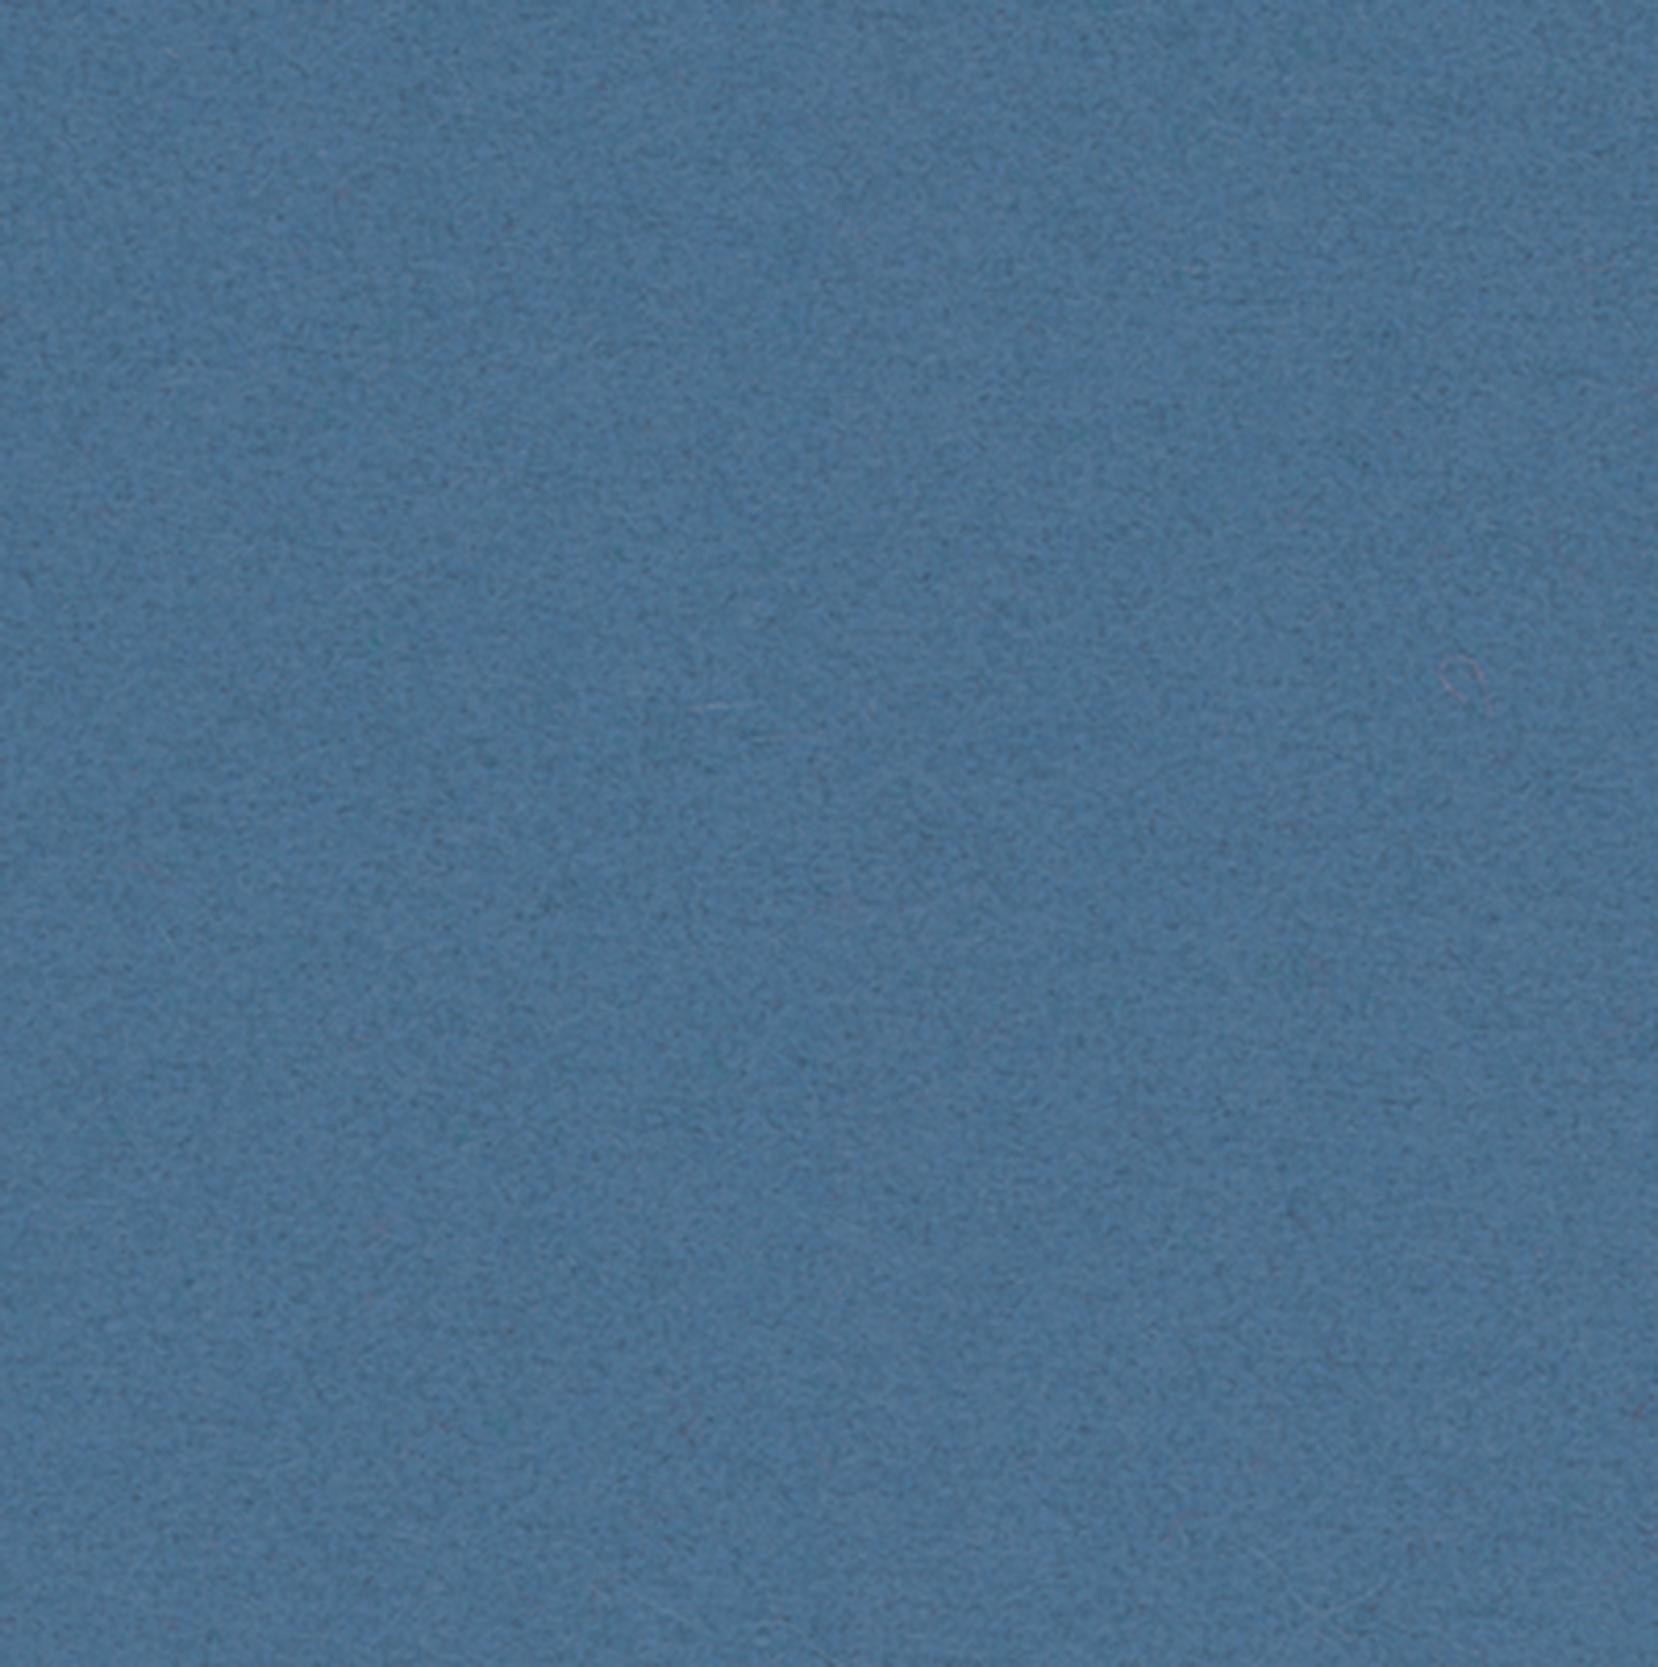 Camira Sky Blue [+€180.60]